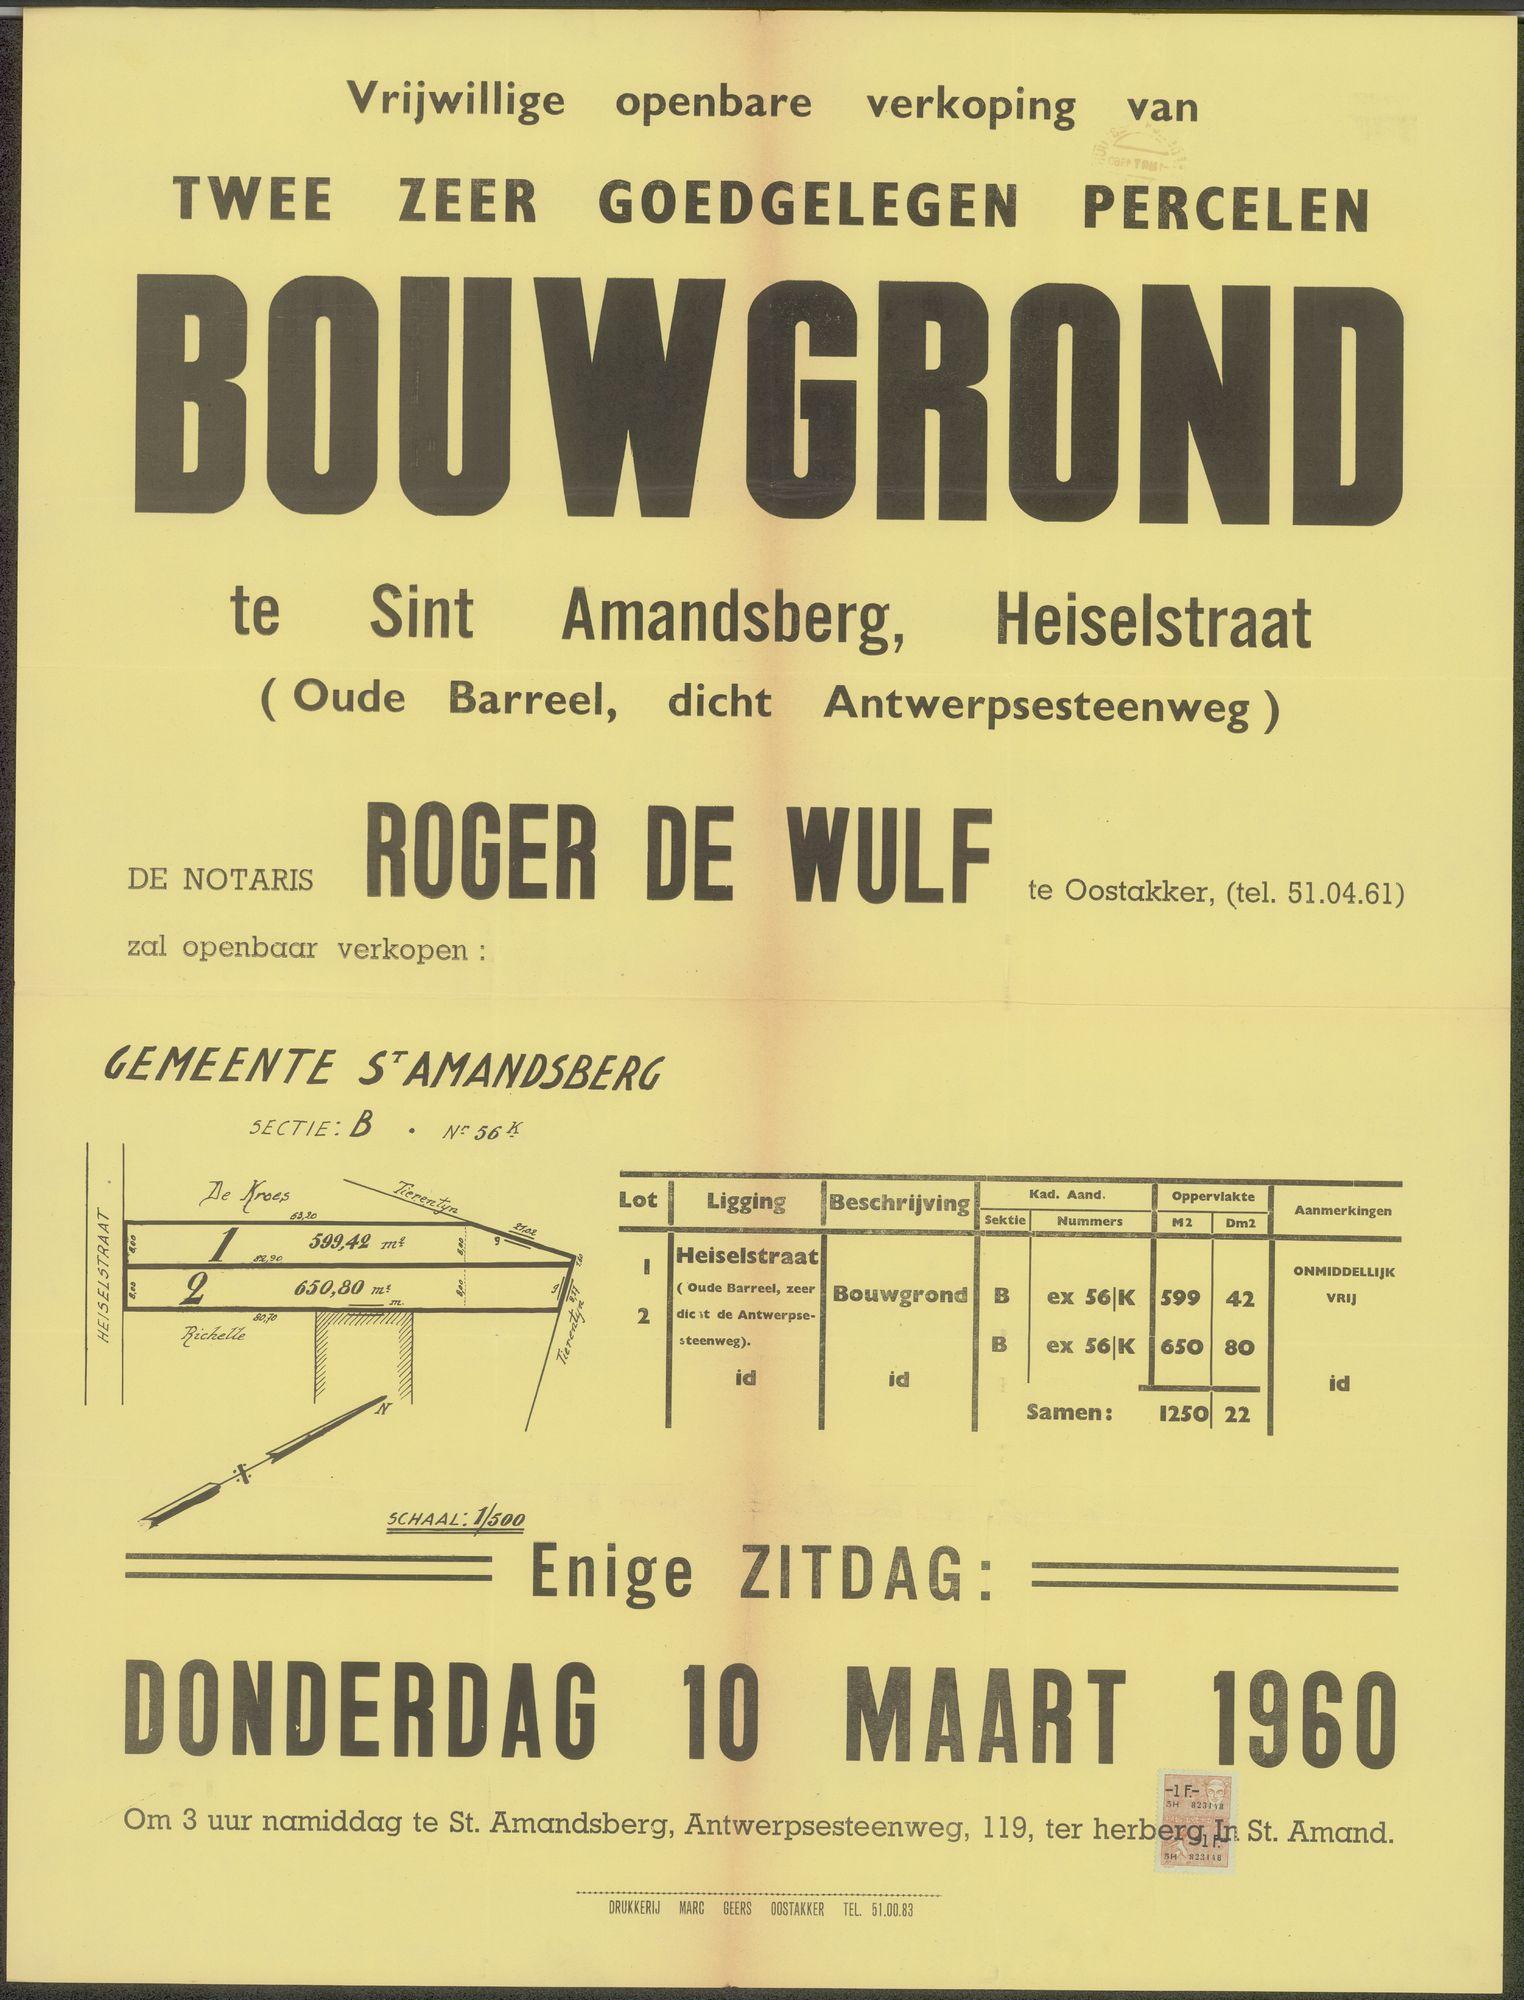 Vrijwillige openbare verkoop van twee zeer goedgelegen percelen bouwgrond te Sint-Amandsberg, Heiselstraat (Oude Bareel, dichtbij Antwerpsesteenweg), Gent, 10 maart 1960